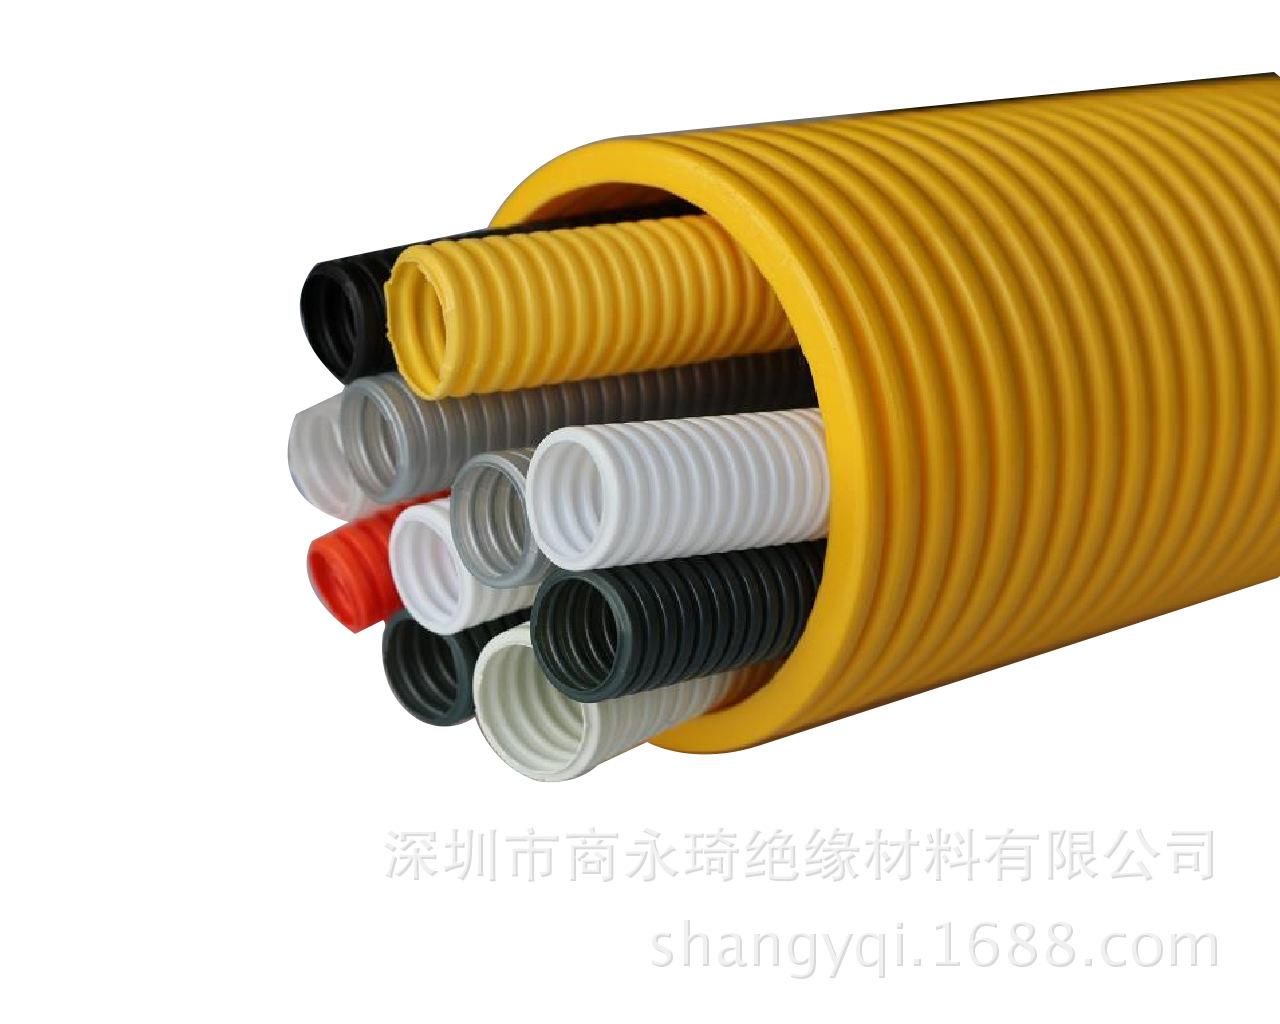 橙色波纹管 深圳橙色阻燃尼龙护套管厂家 ROHS环保认证 出口品质